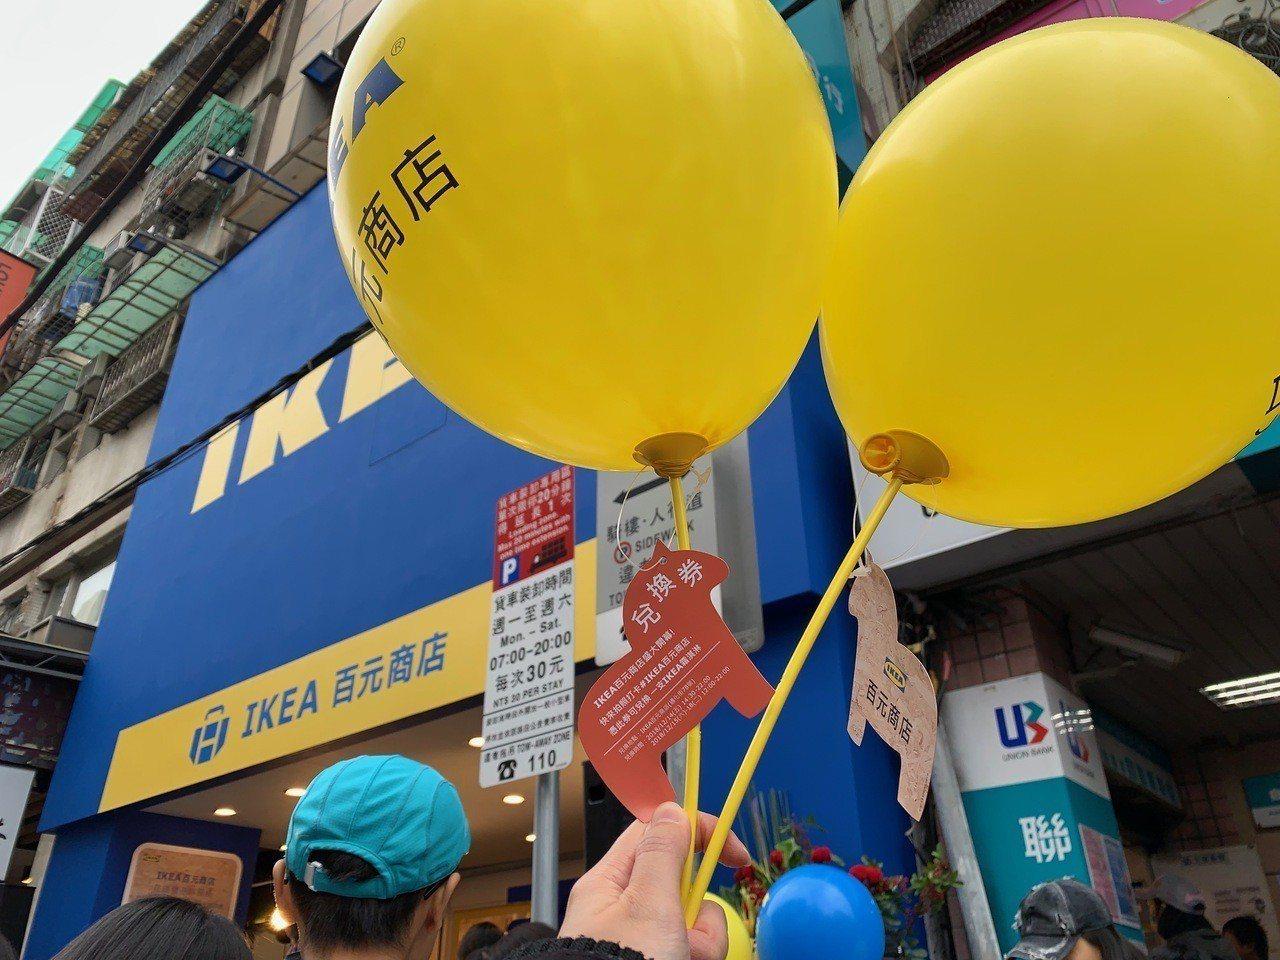 開幕首日獲得氣球的民眾可免費兌換霜淇淋。記者張芳瑜/攝影